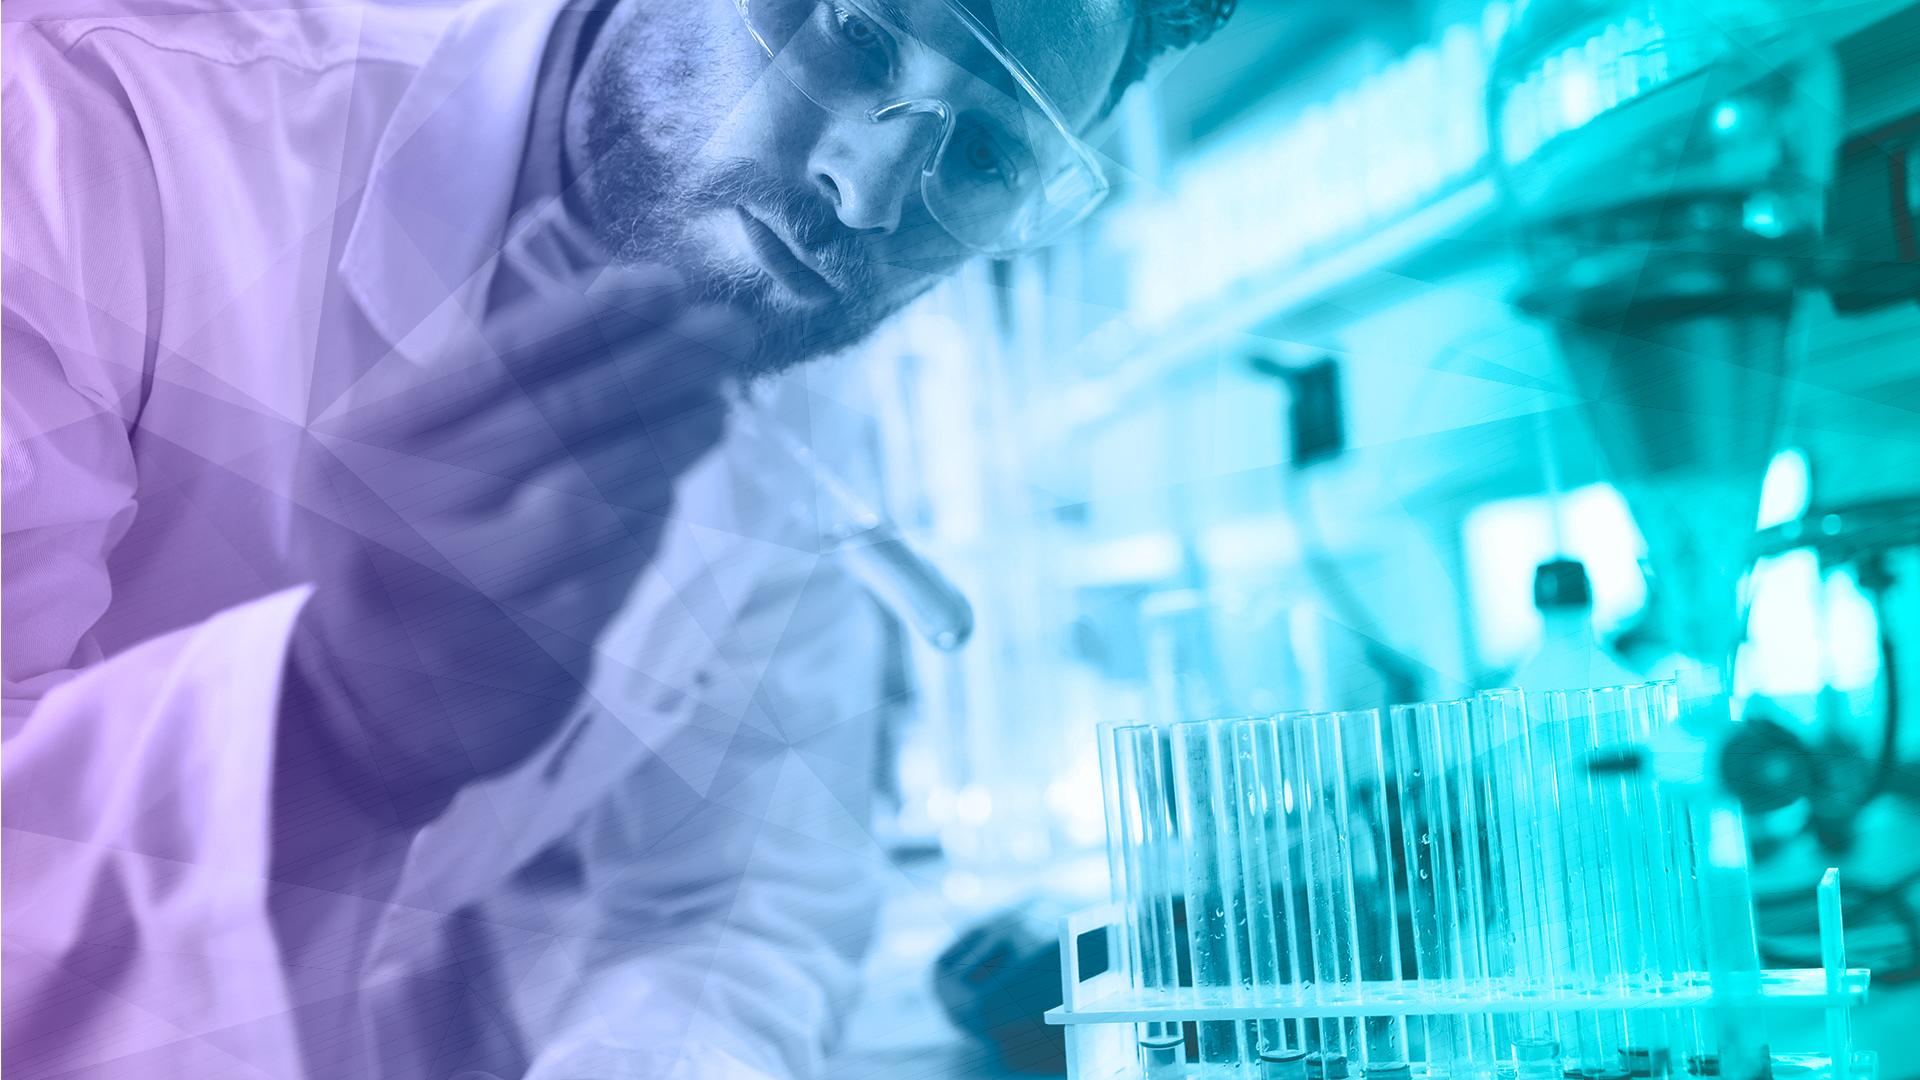 Forschung, Wissenschaft, Stockfotos, Labor, Forscher, Wissenschaftler, Science, Testlabor, Chemie, scientist, Testen, Kittel, Forschen, Reagenzglas, Pipette, Schutzanzug, Laborkittel